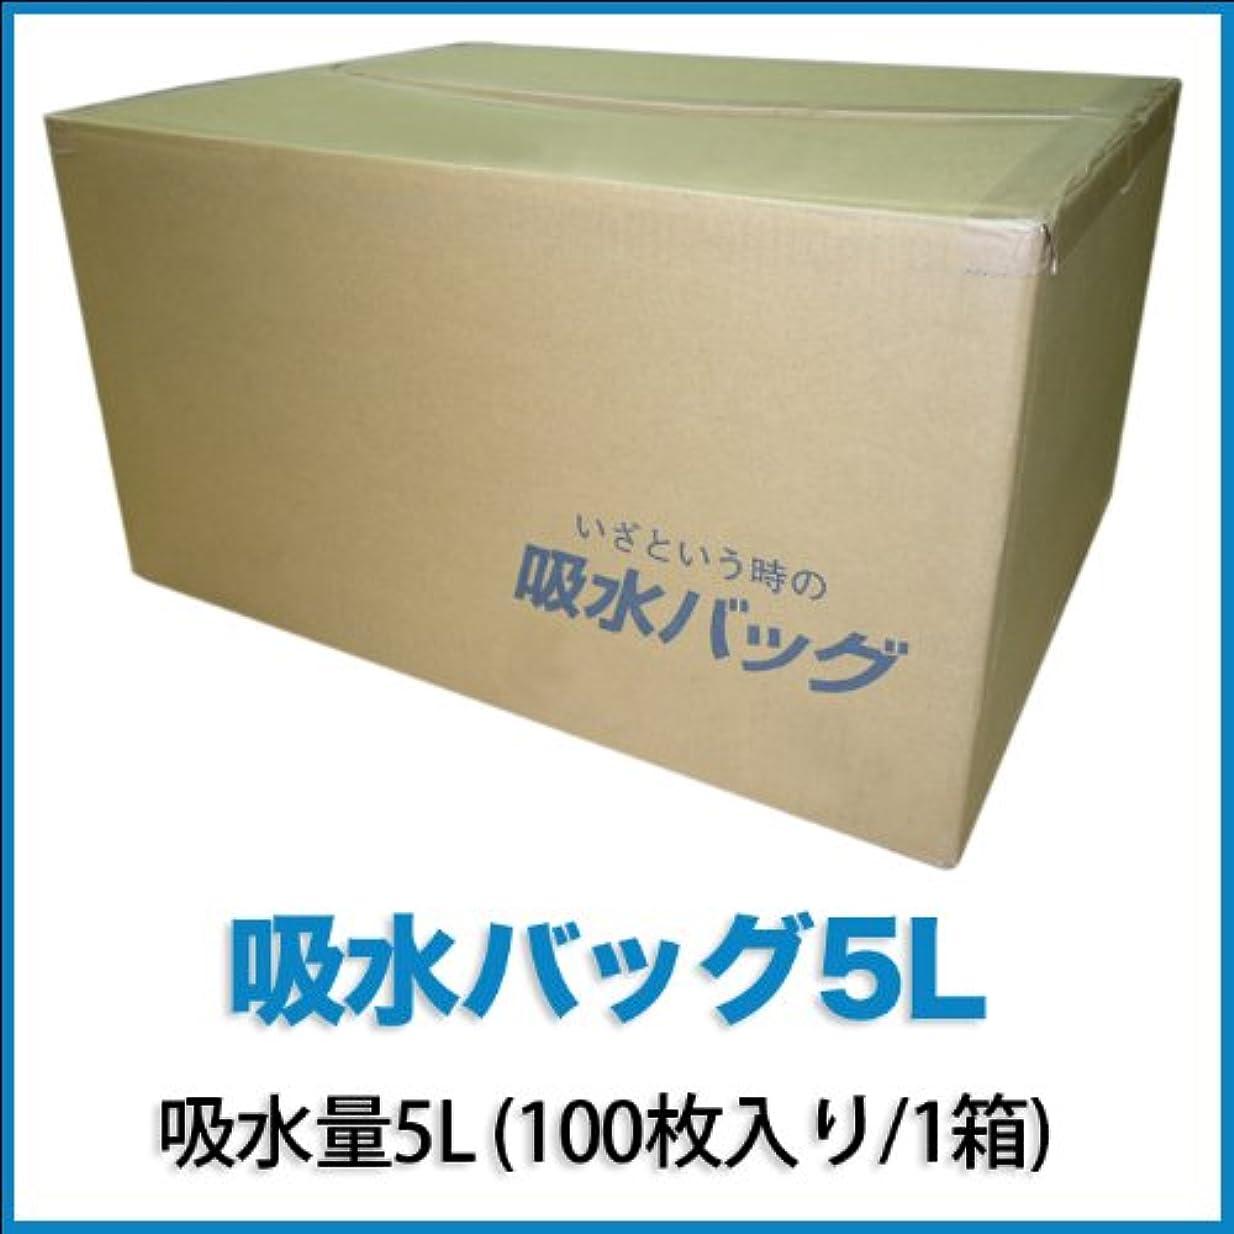 安全性差牧師吸水バッグ5L 吸水量5L (100枚入り/1箱) K-5L 急な出水時や水漏れに 防災用品